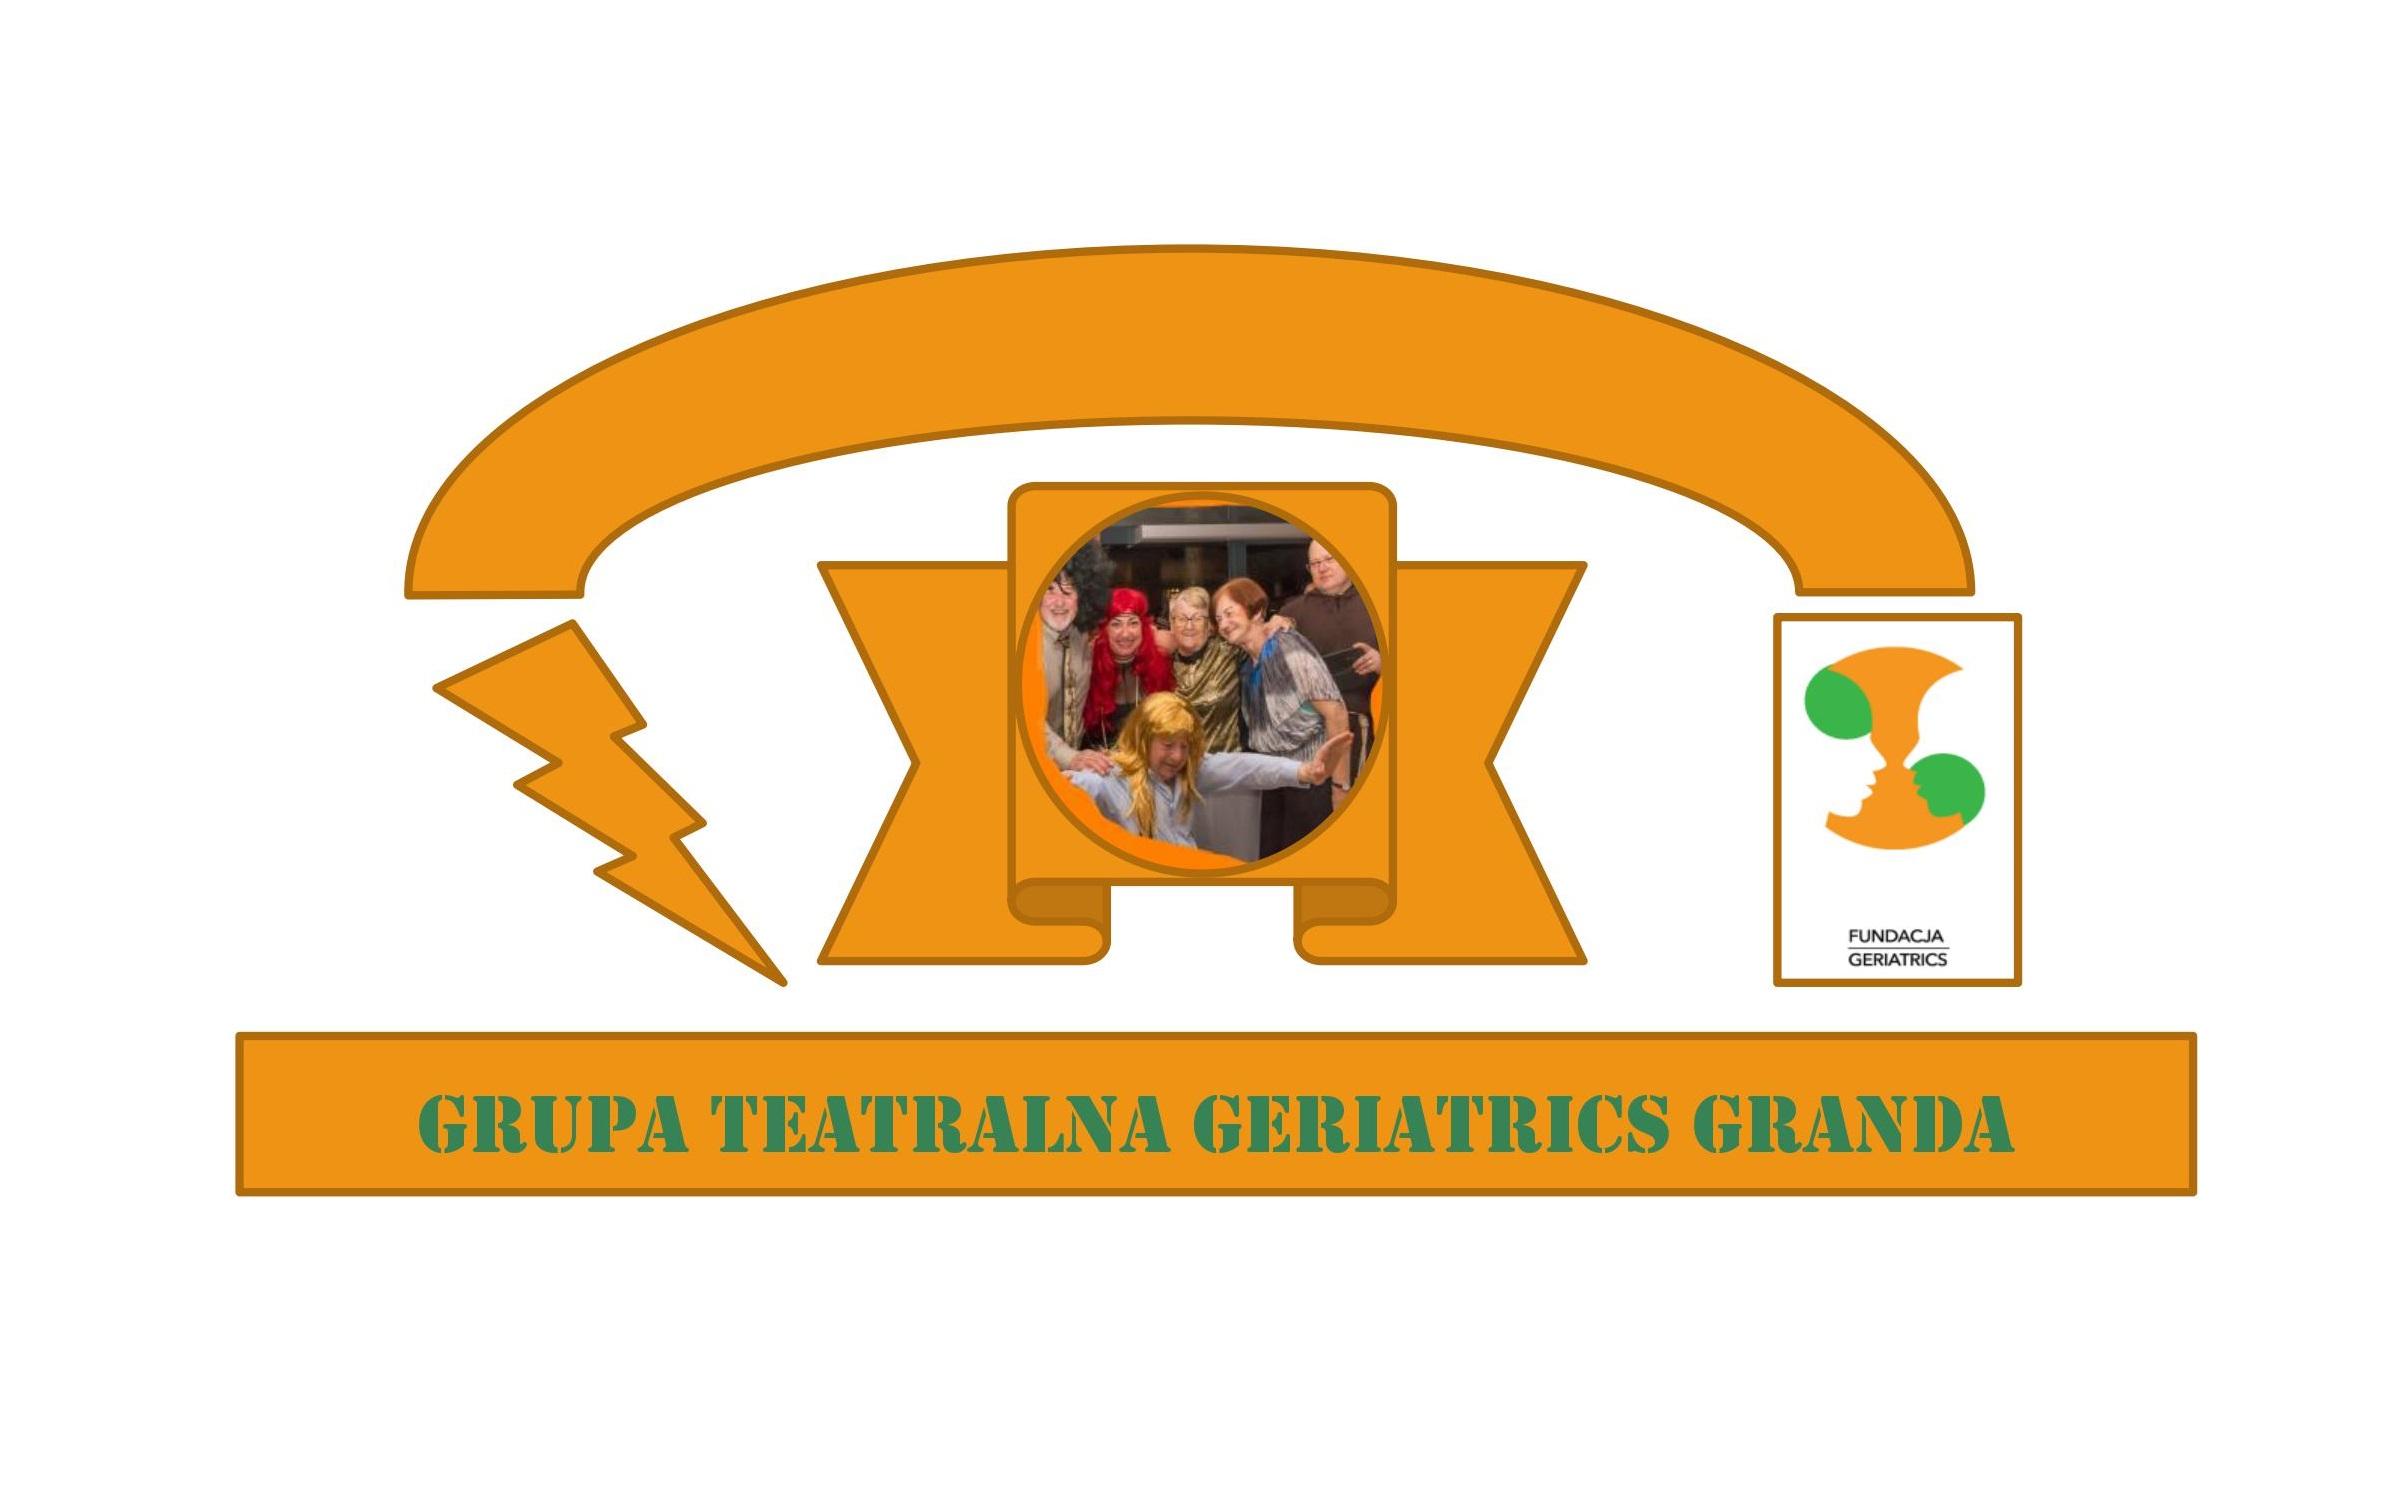 Zaproszenie na całoroczne zajęcia grupy teatralnej Geriatrics Granda.